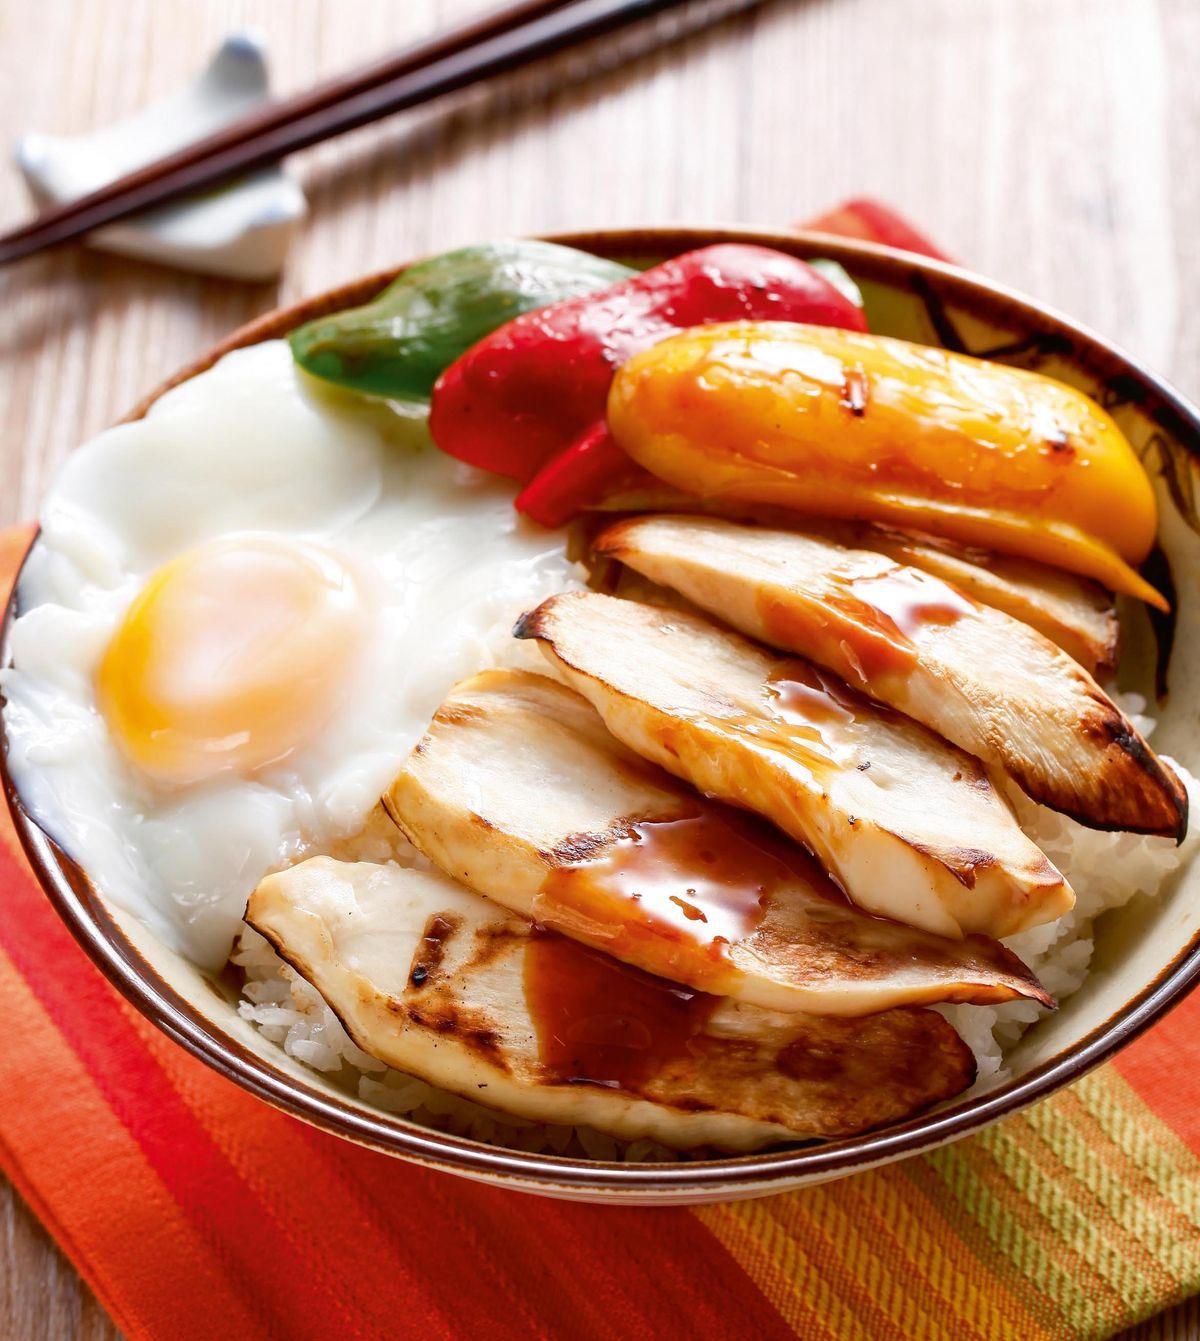 食譜:炙烤鮑菇蓋飯